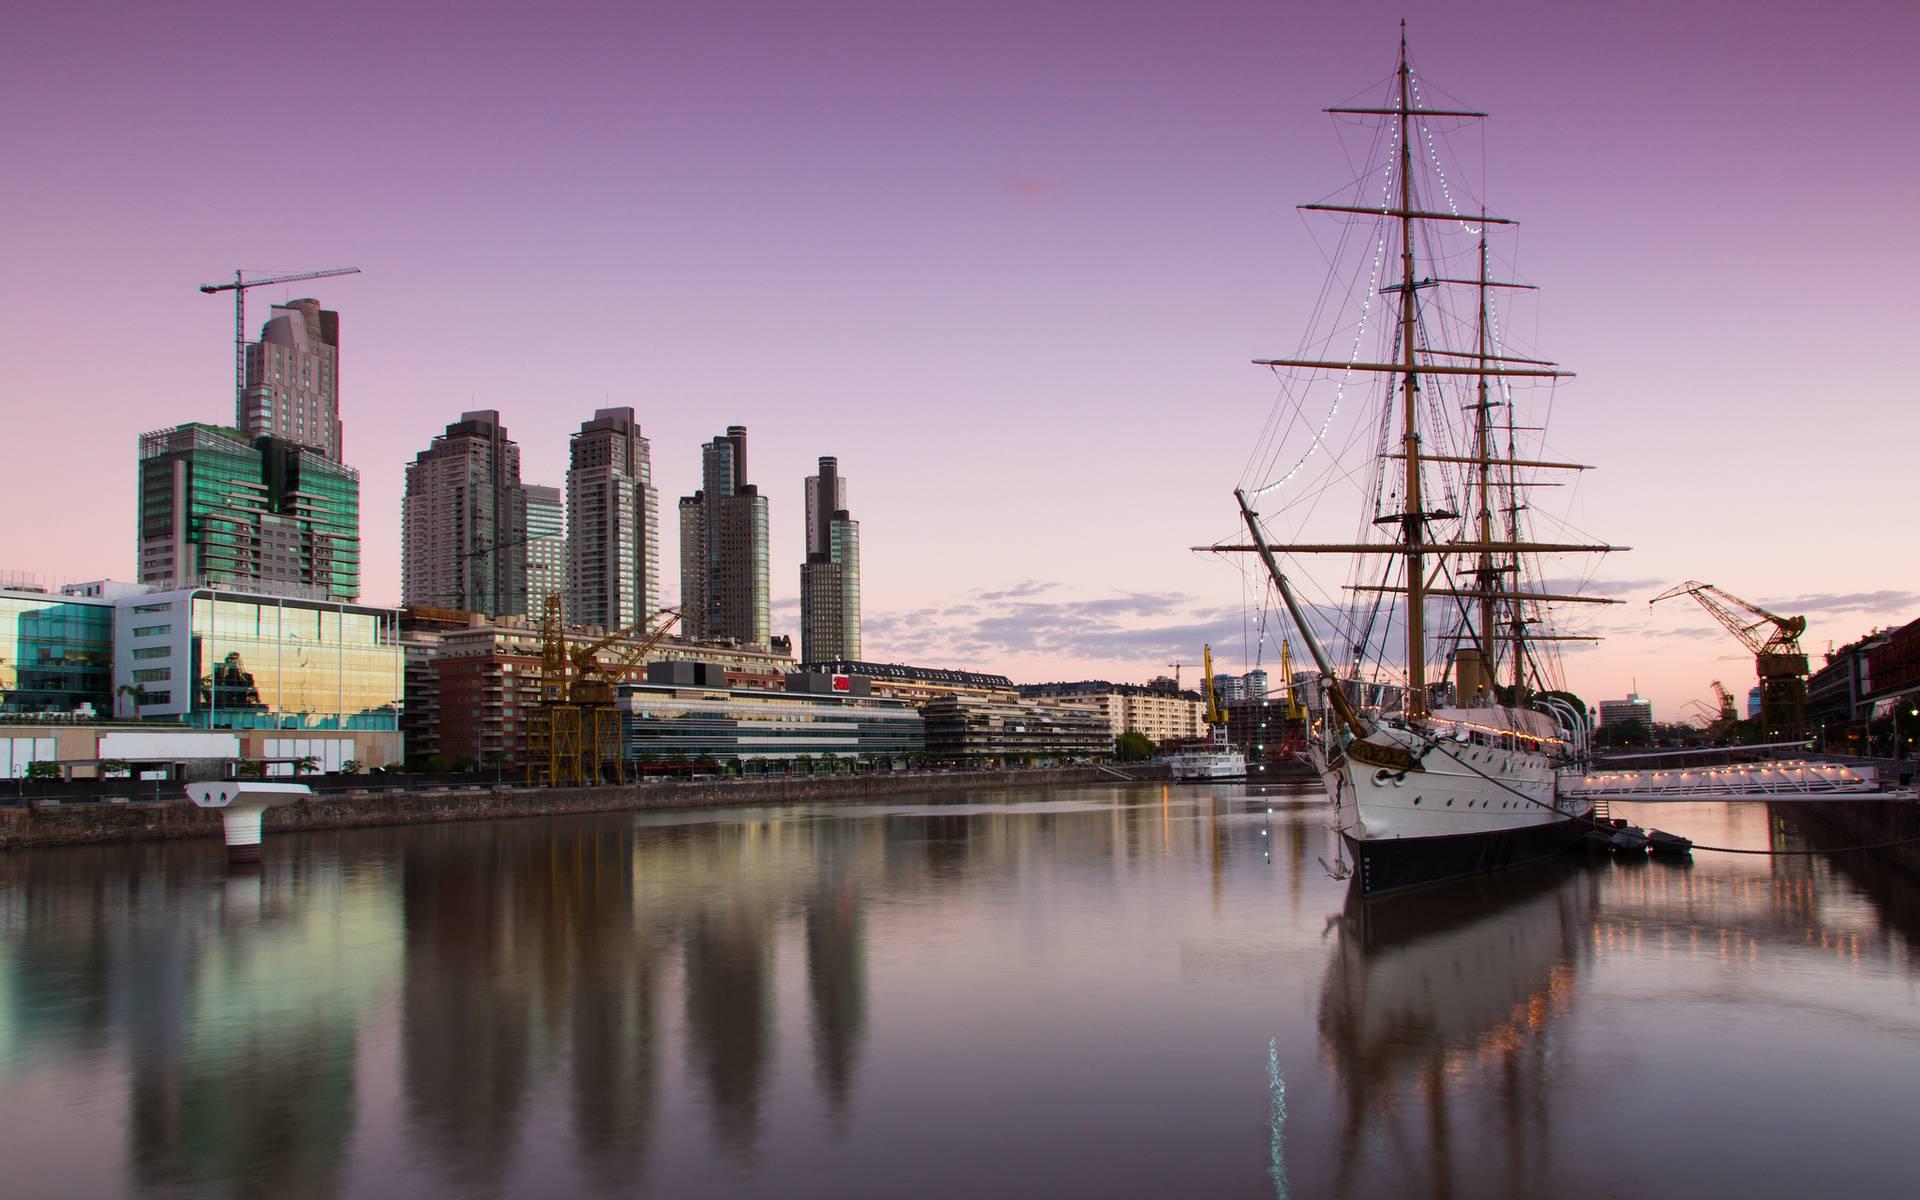 обои судно, парусник, порт, город картинки фото